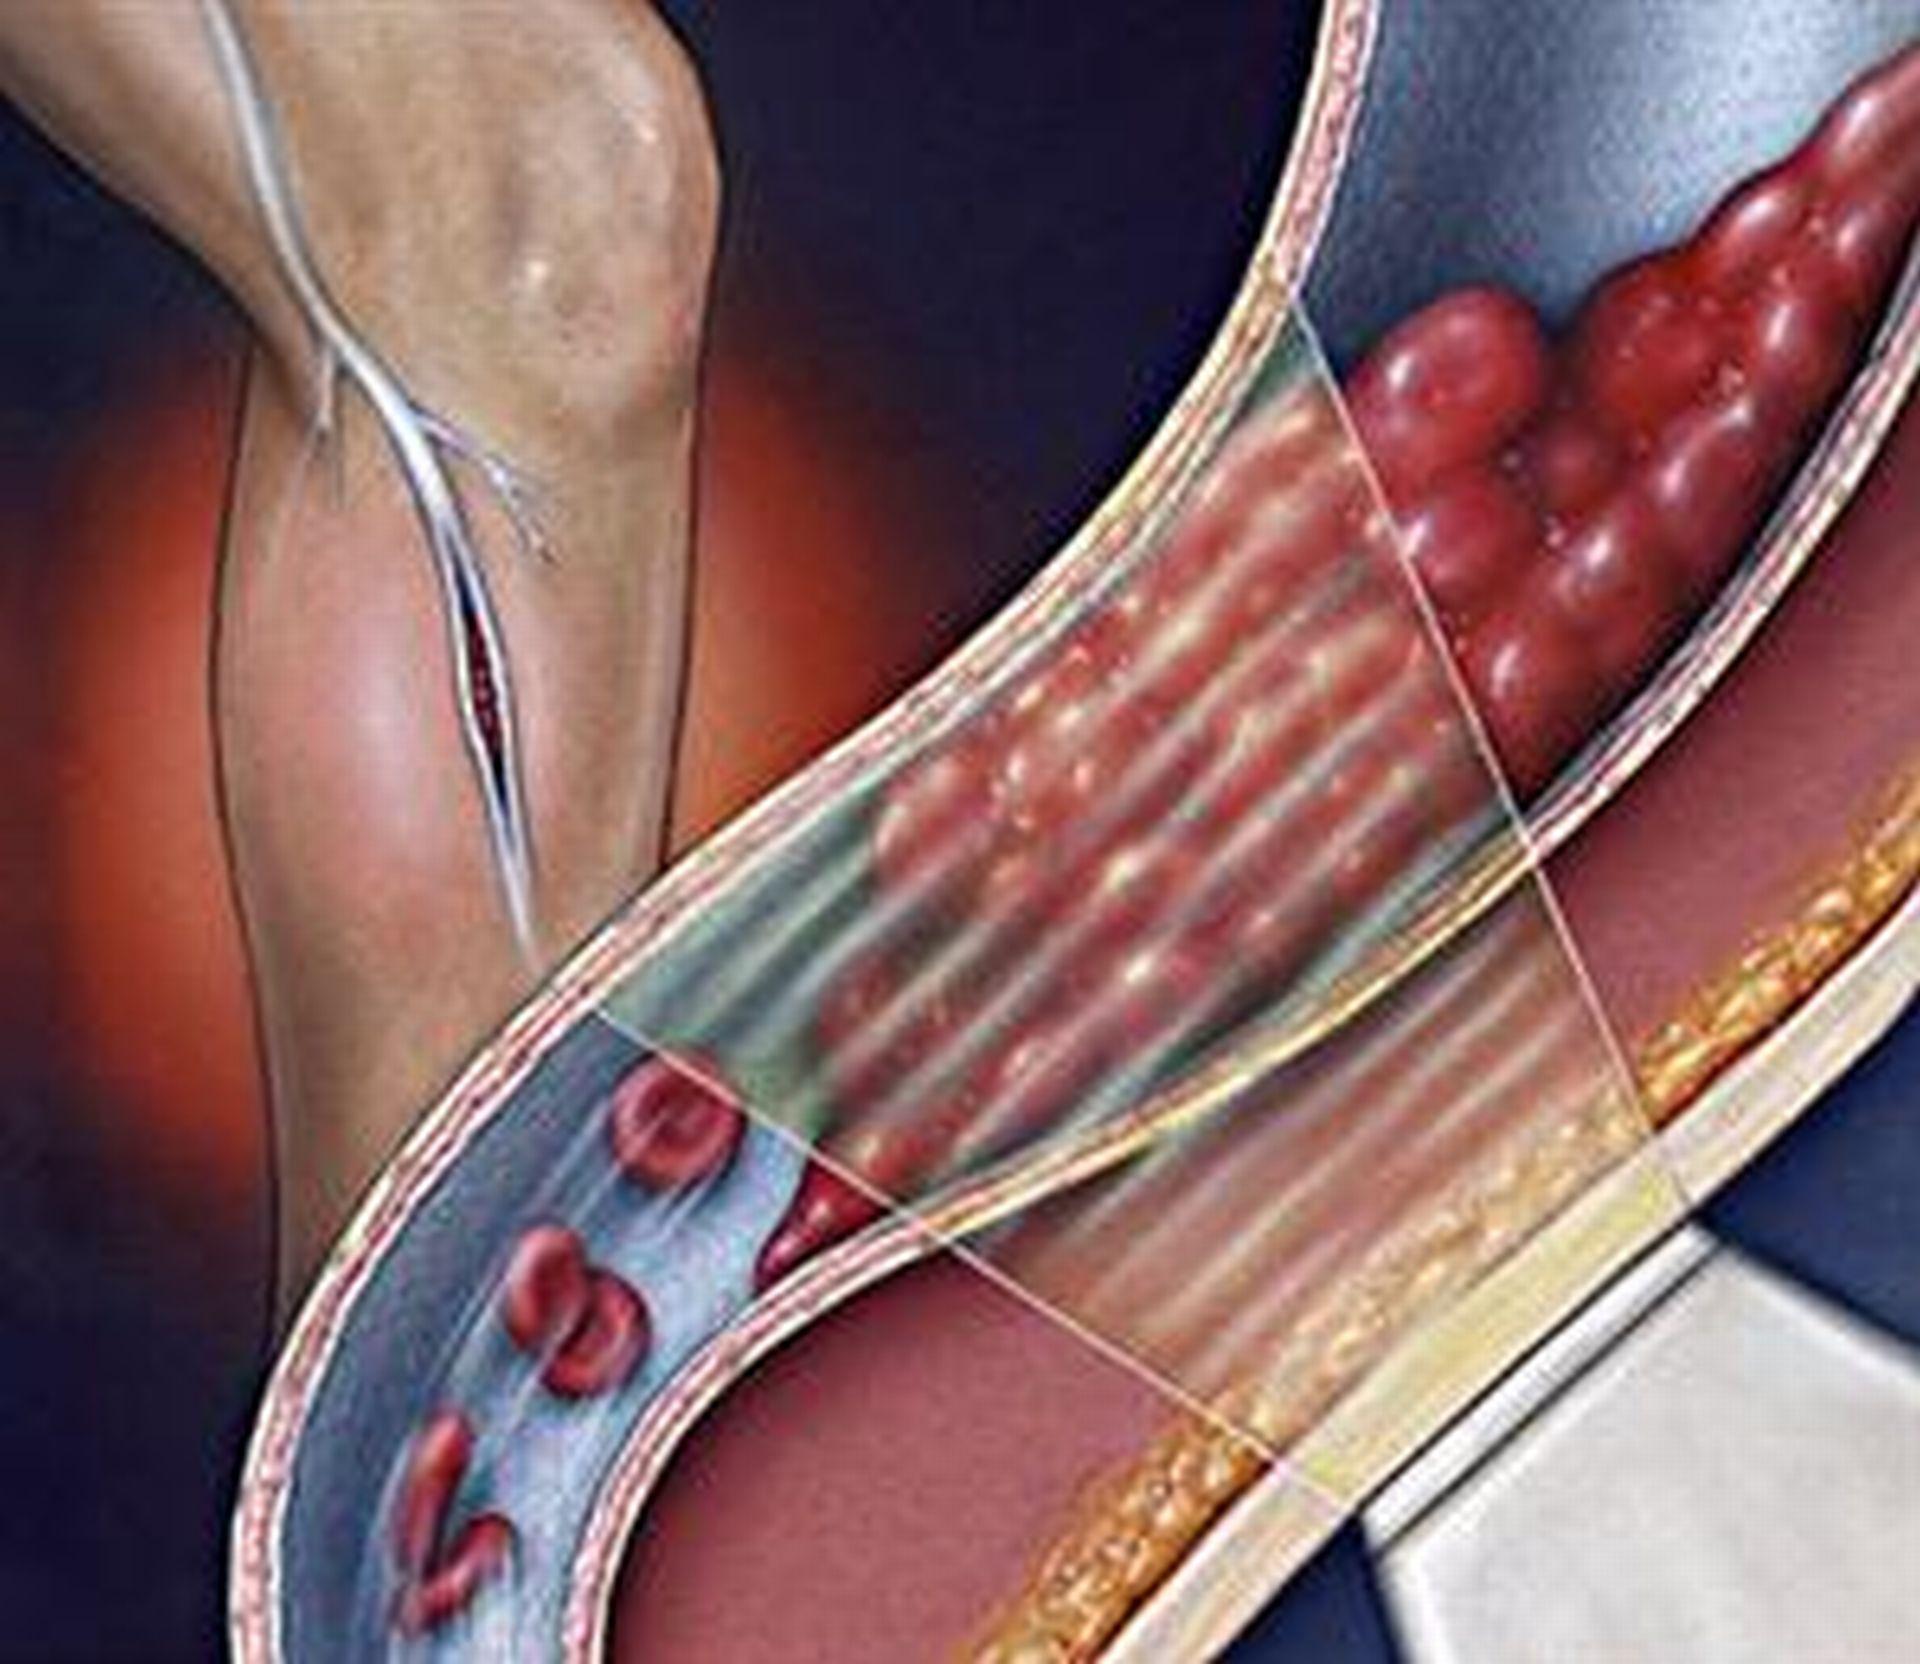 kojų patinimas gydant hipertenziją grynas oras sergant hipertenzija